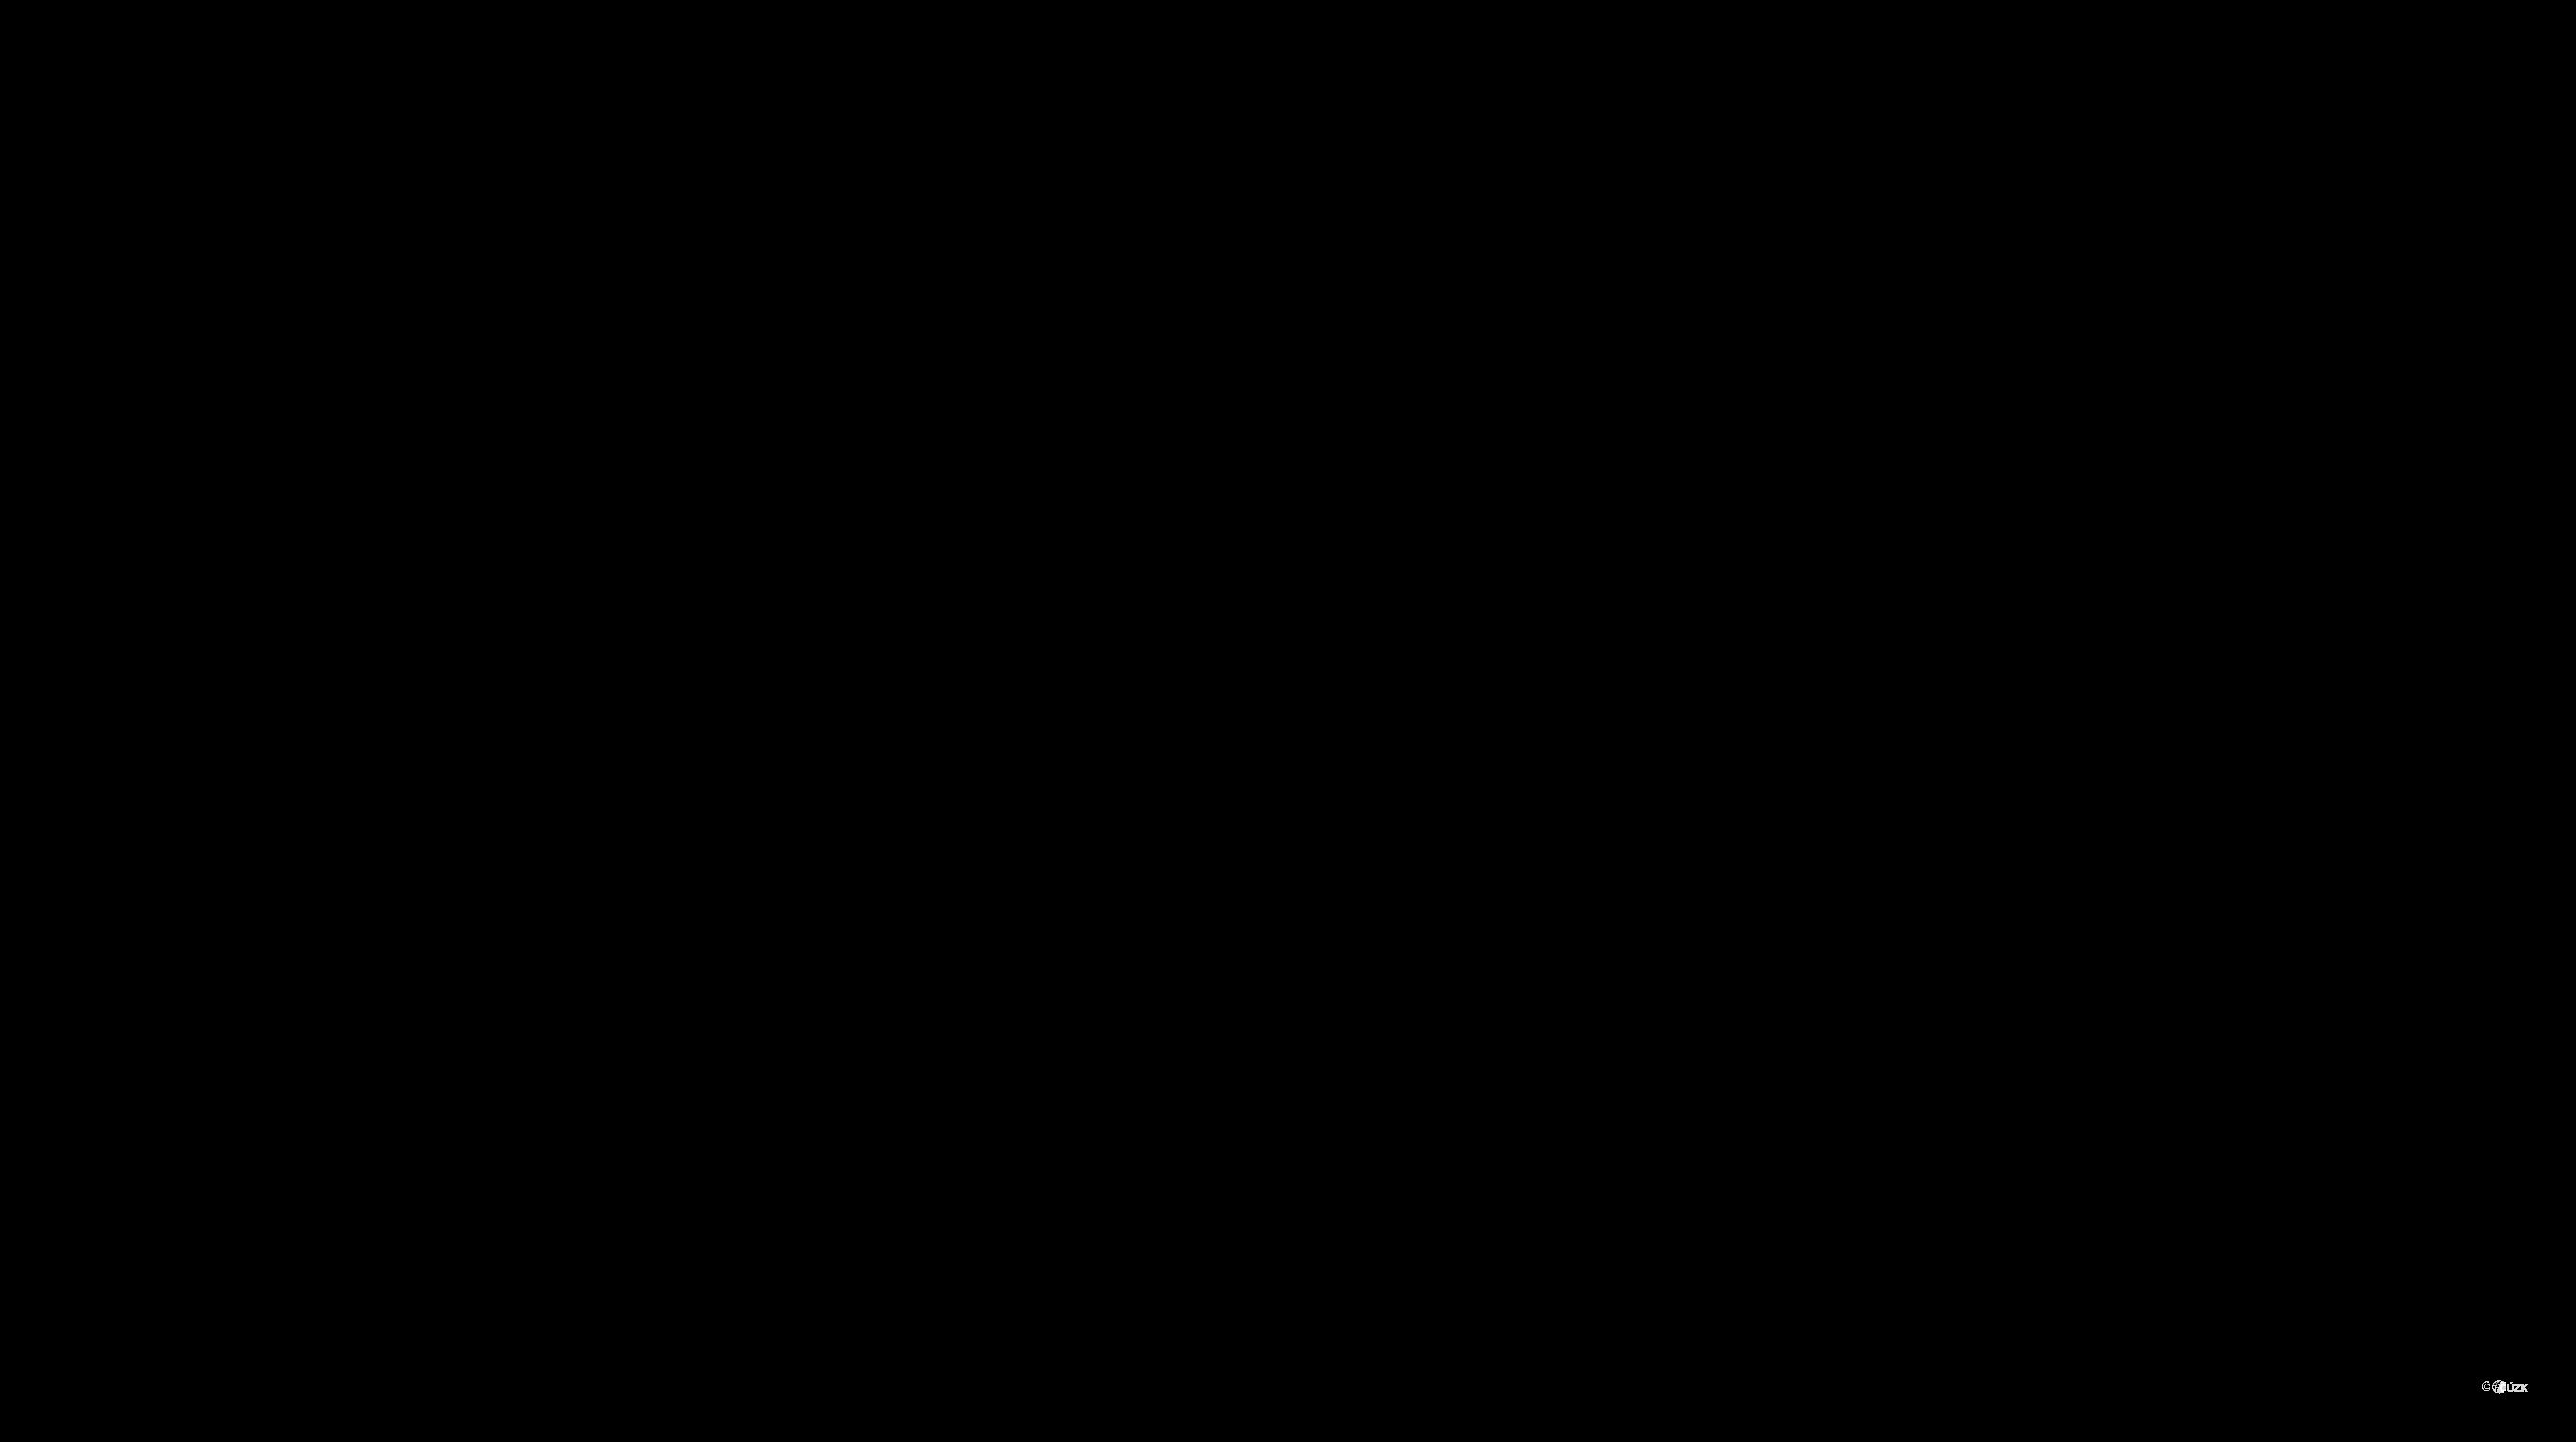 Katastrální mapa pozemků a čísla parcel Polná u Hazlova